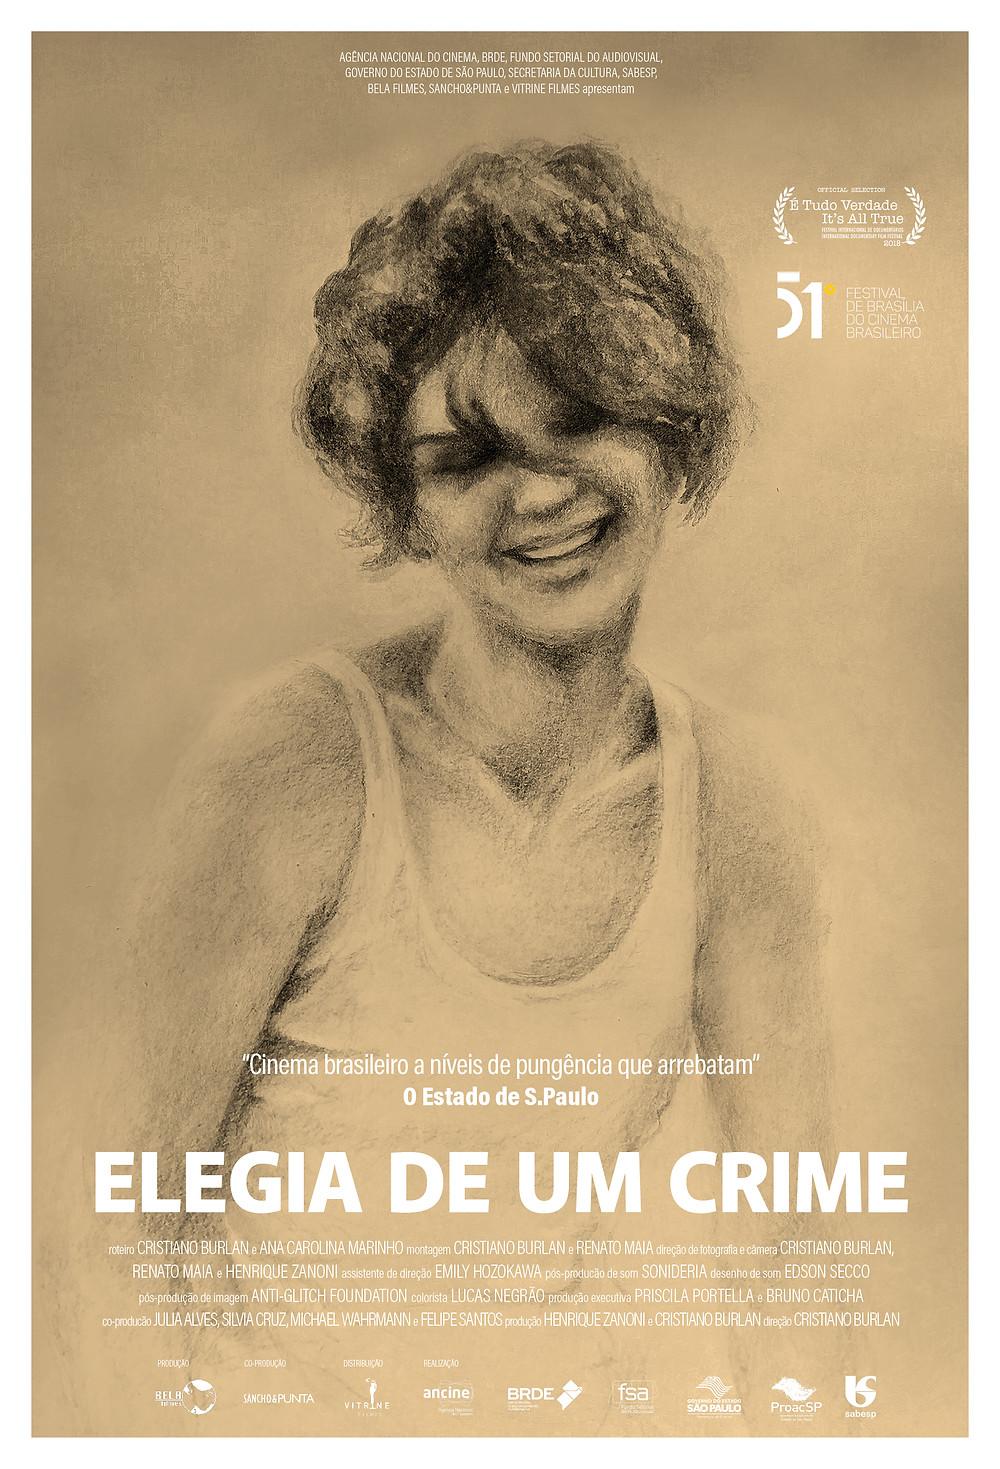 Cartaz do documentário Elegia de um Crime (2018) | Divulgação